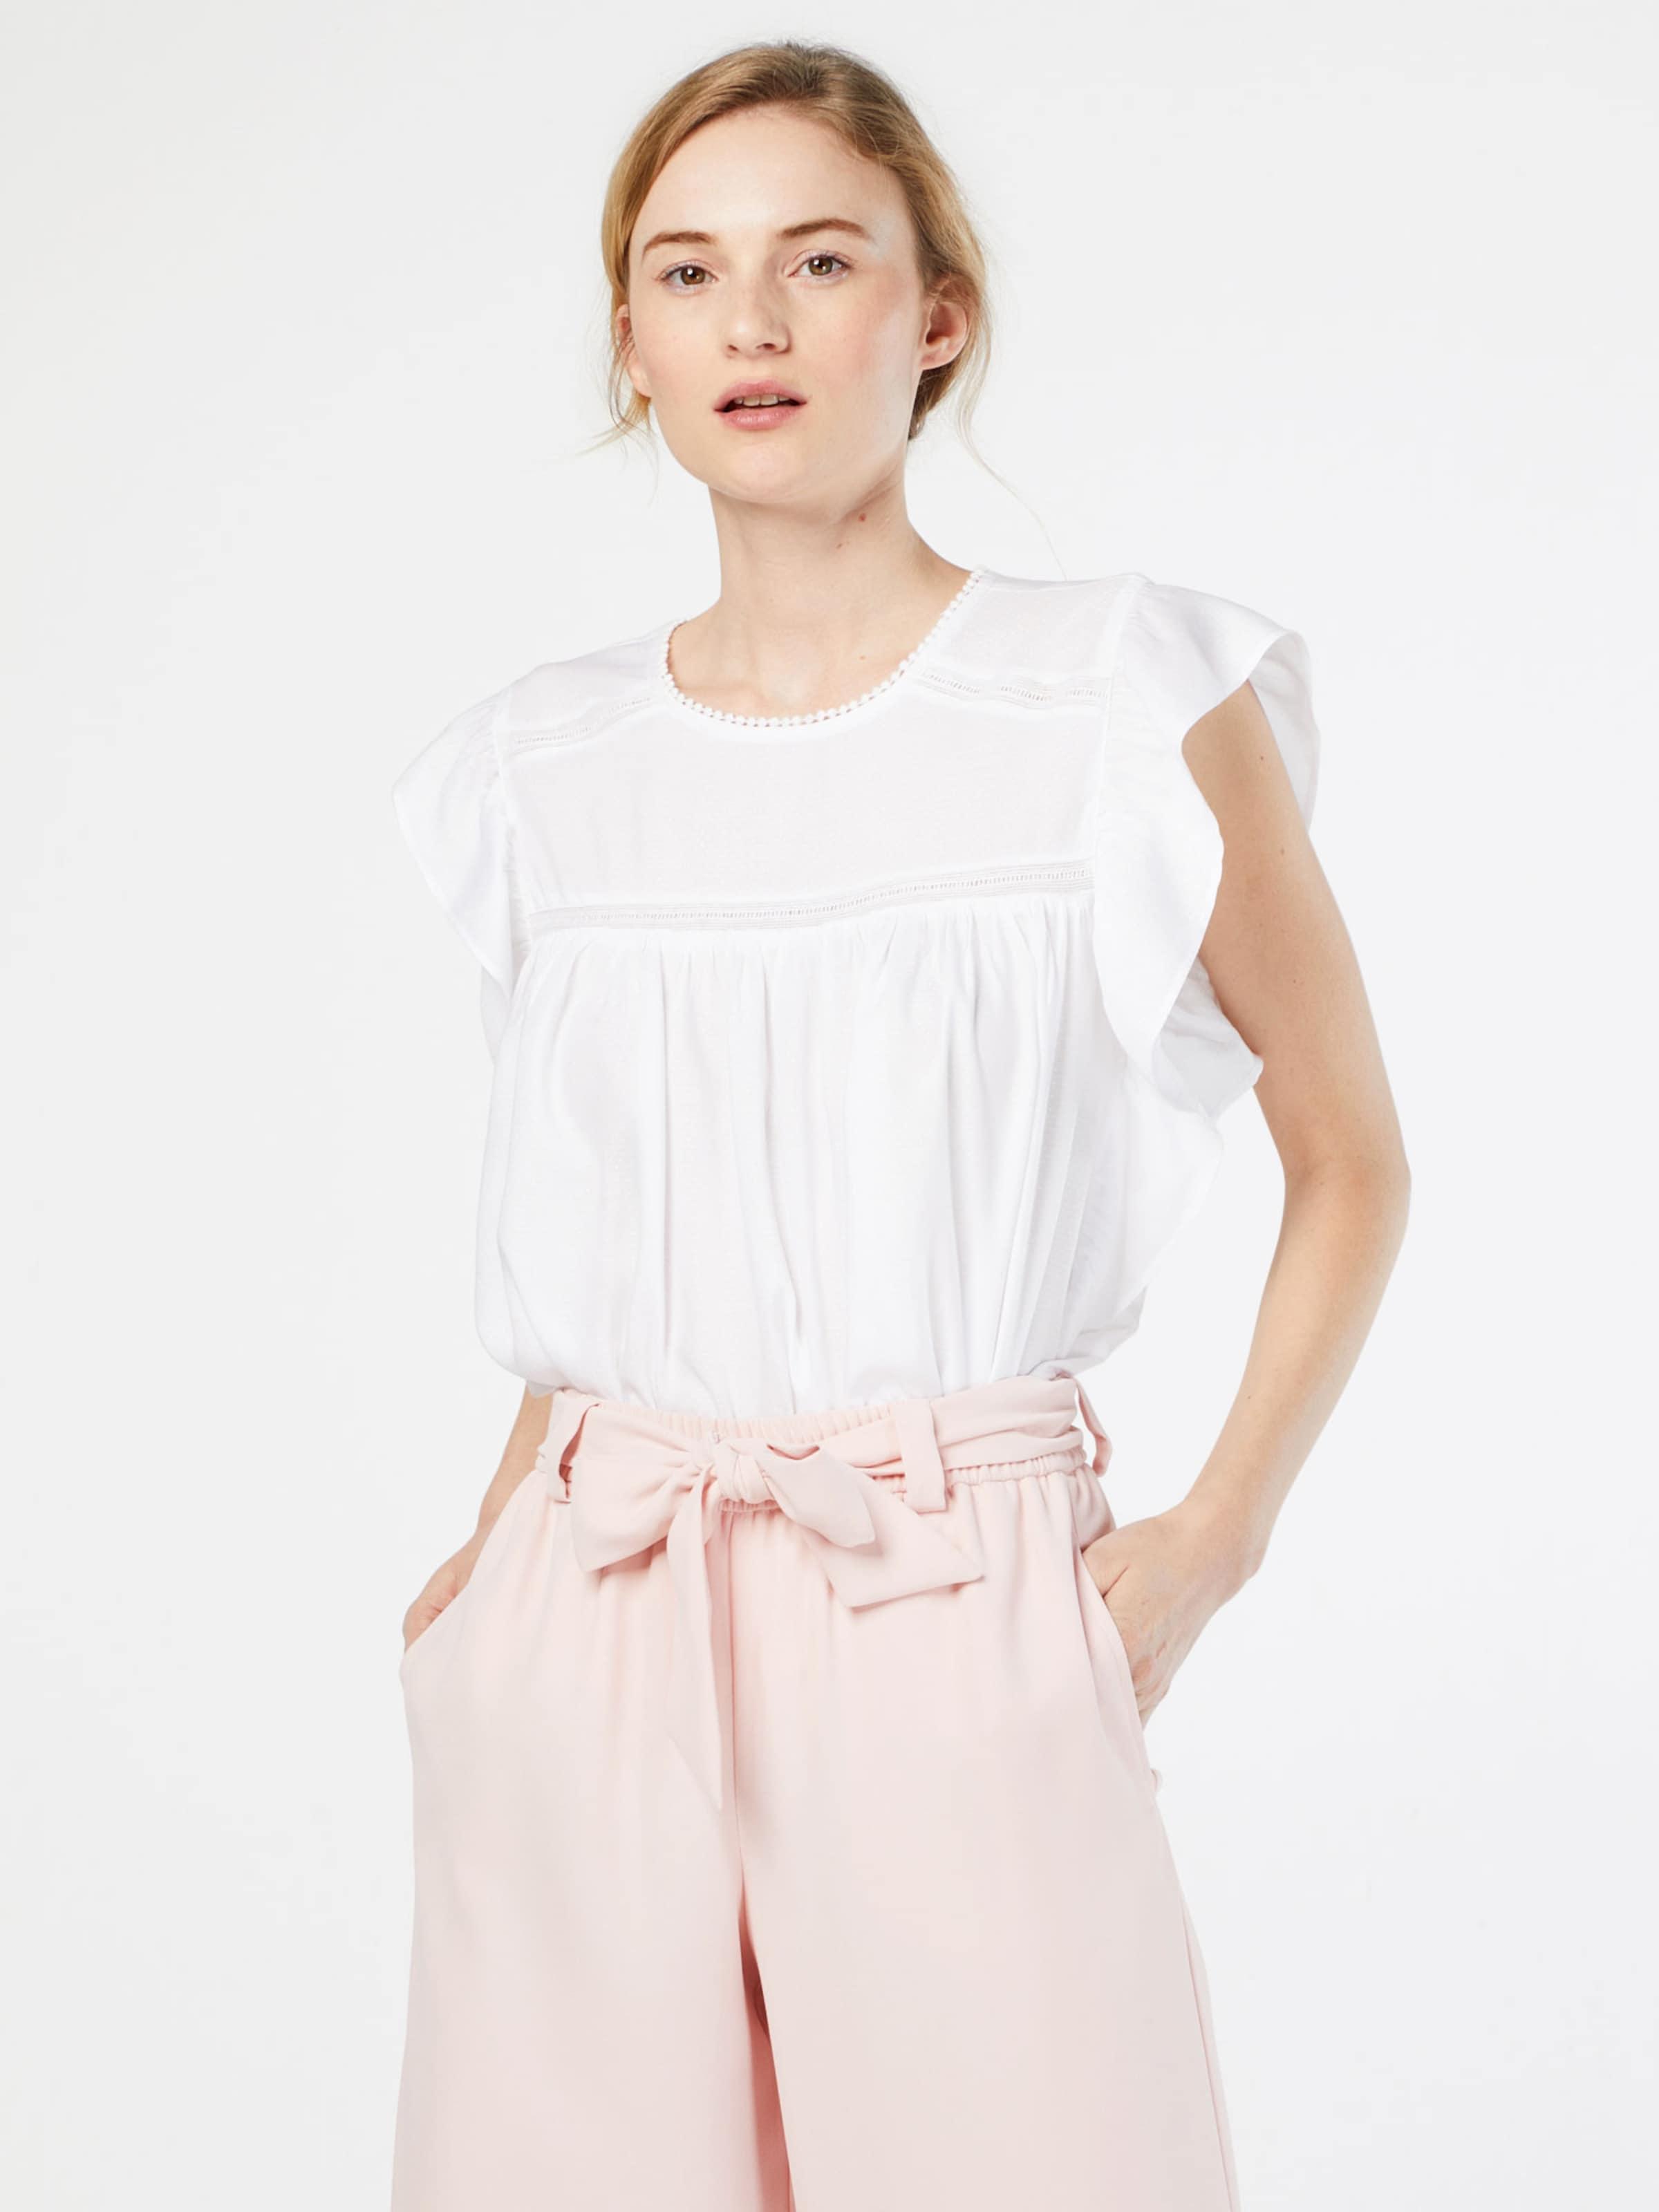 'nicky' T Desires En shirt Blanc n80wOmNv